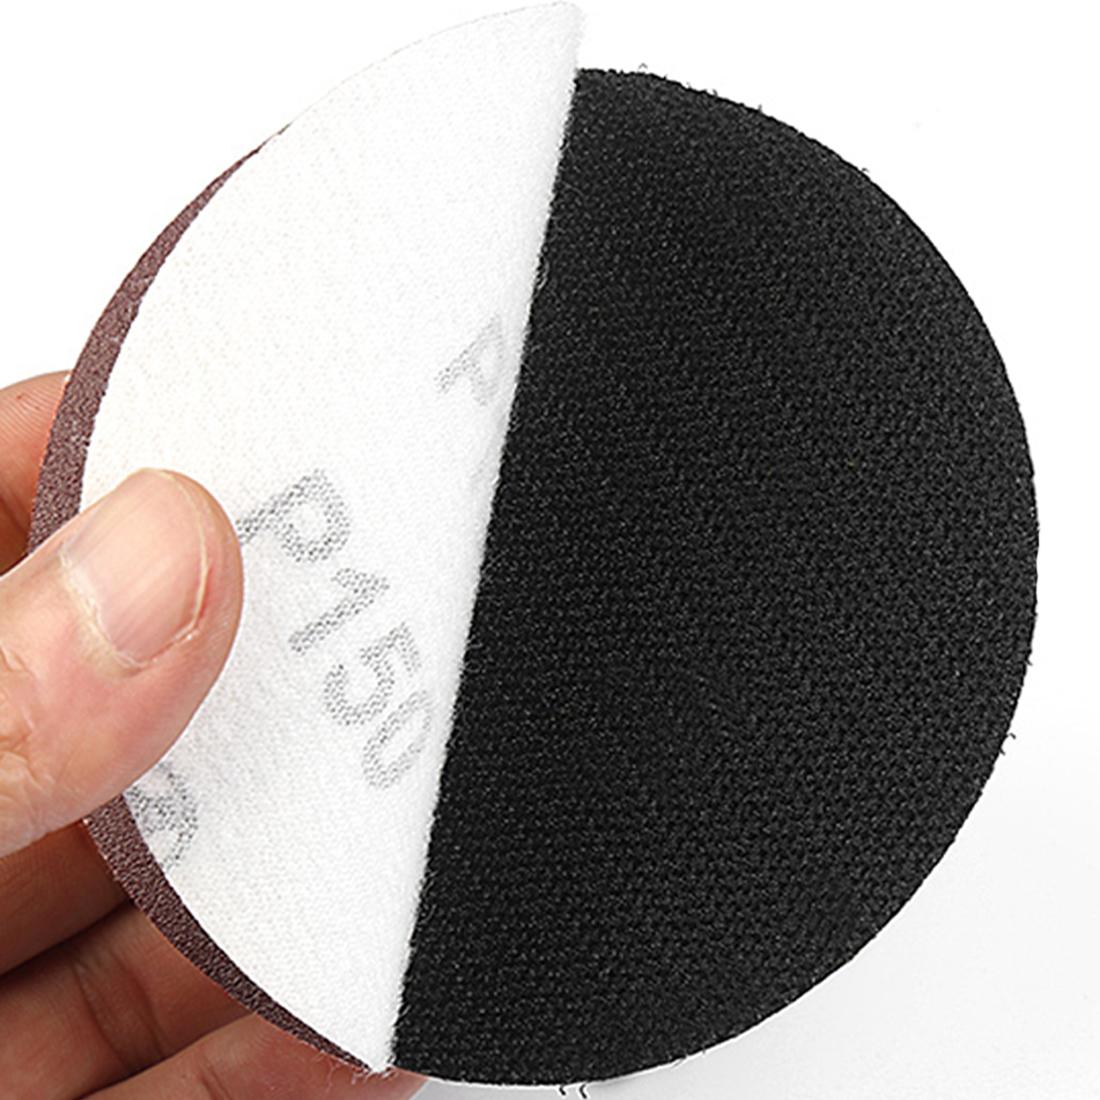 Bánh chà nhám đánh bóng mài bóng tròn 4 inch